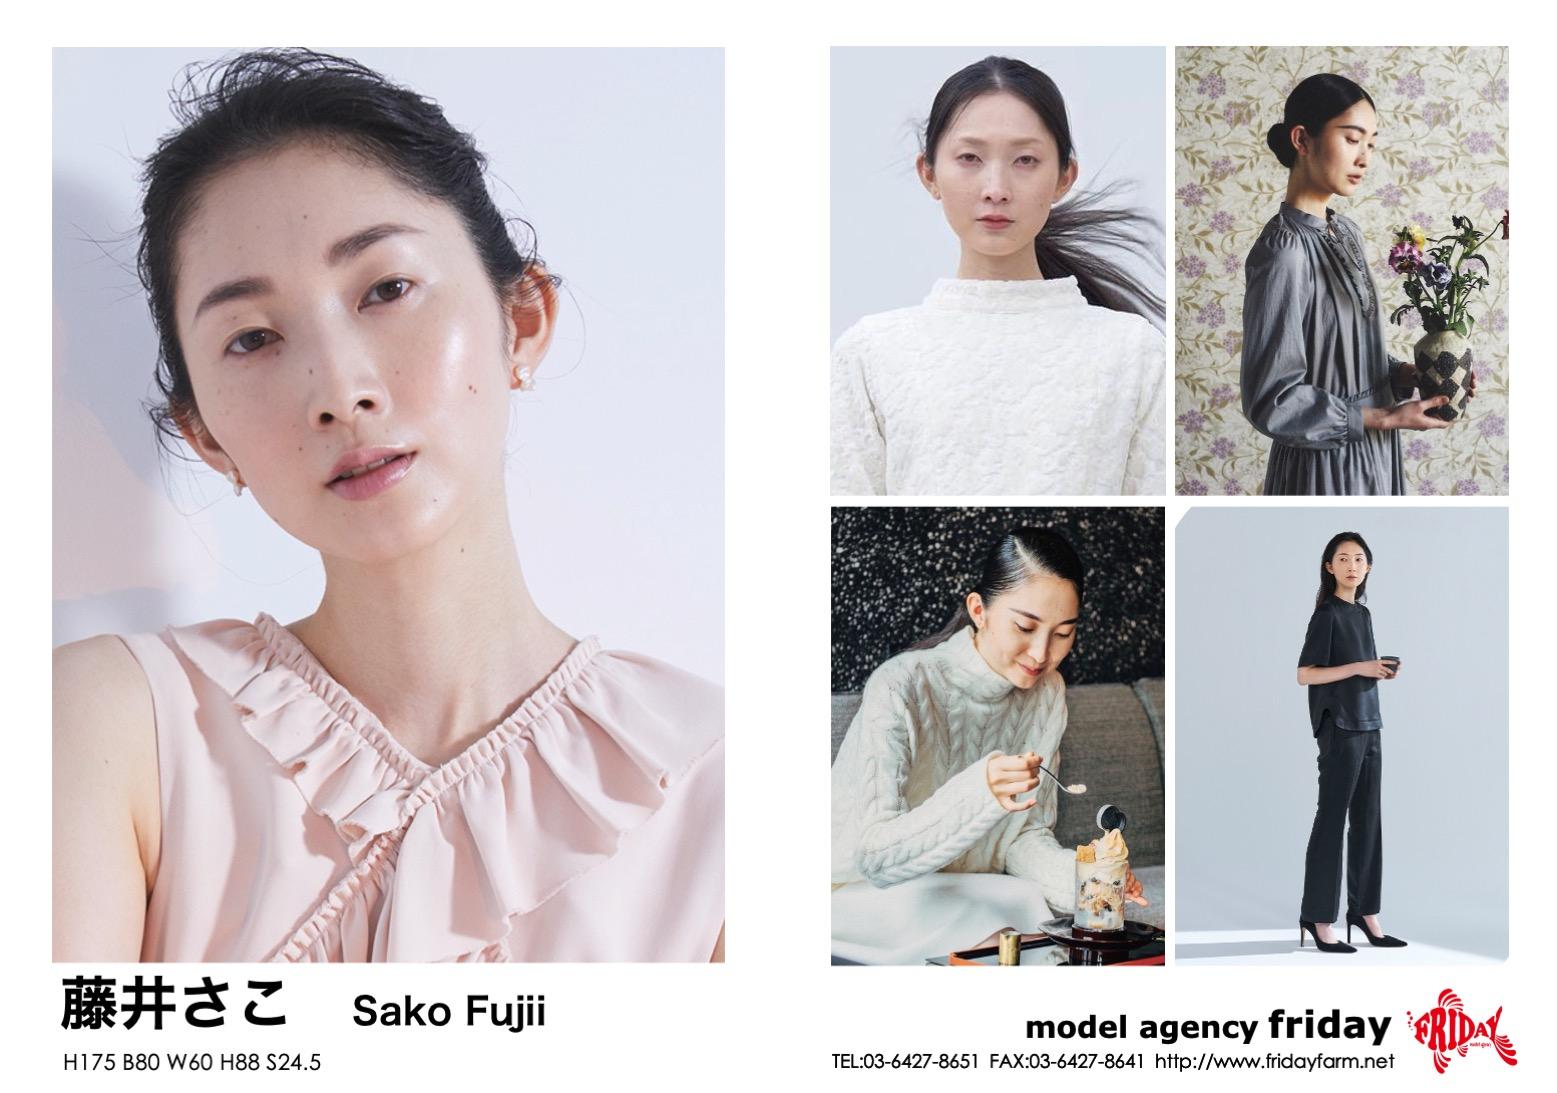 藤井 さこ - Sako Fujii   model agency friday